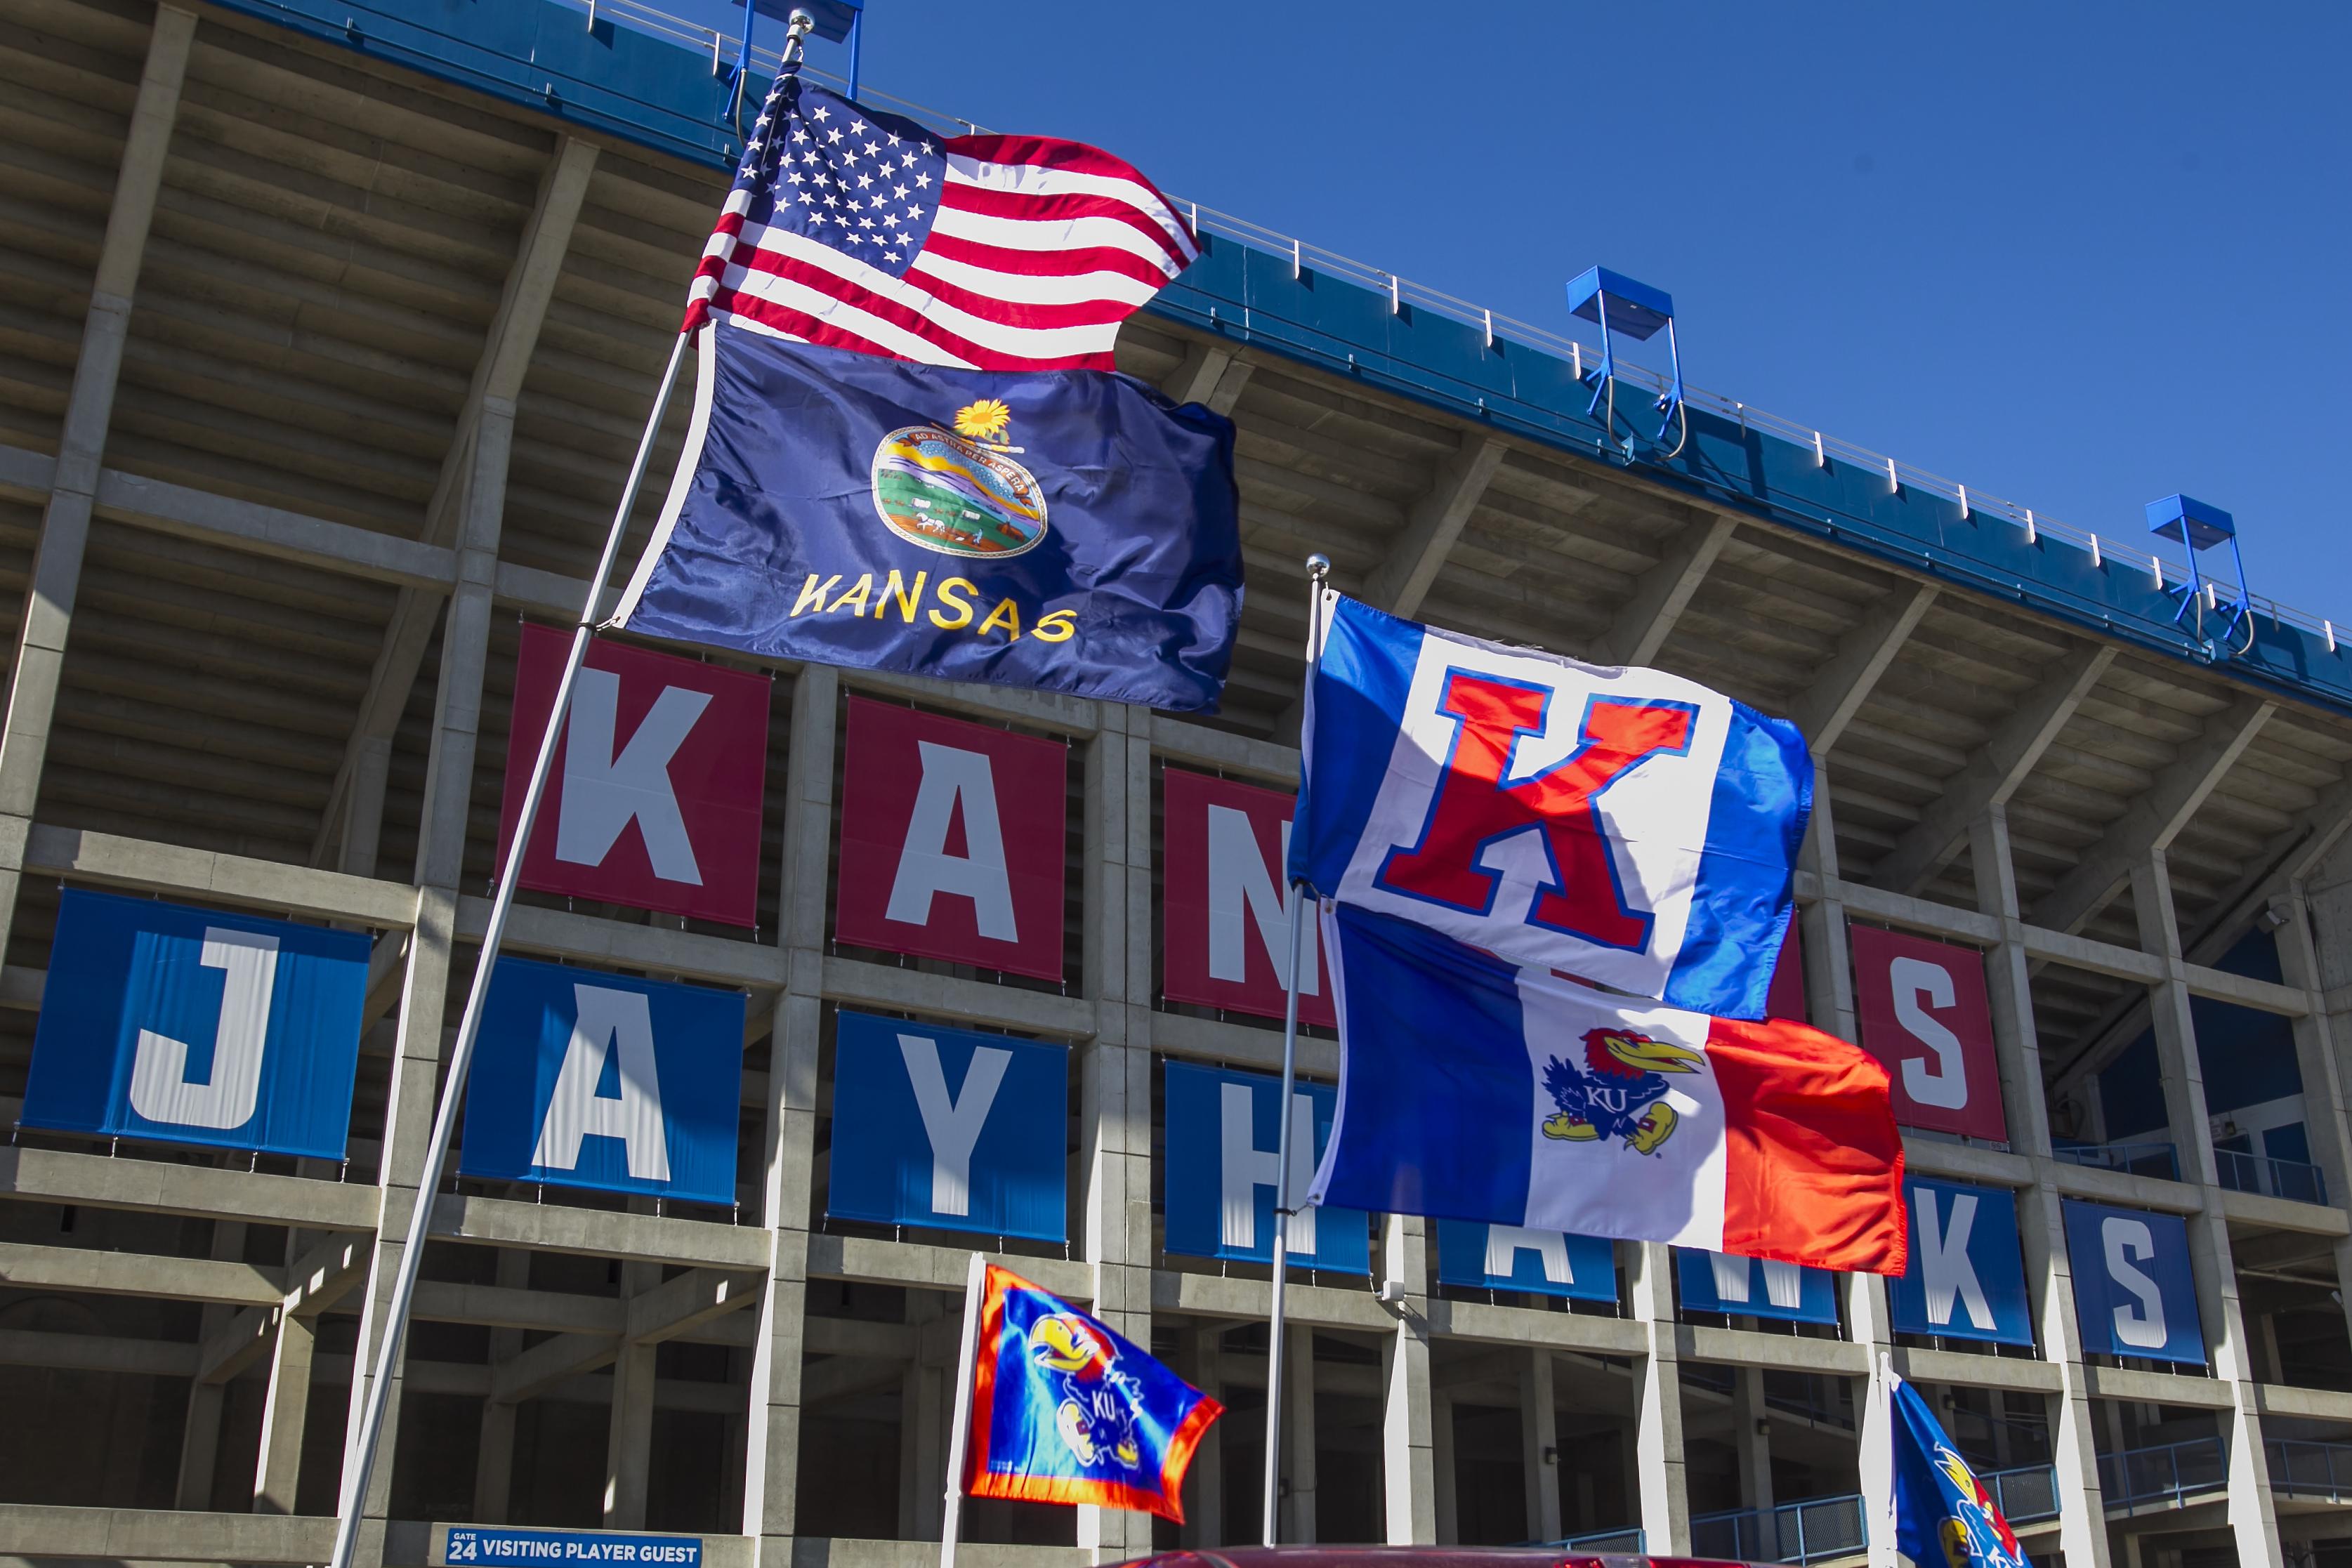 COLLEGE FOOTBALL: NOV 02 Kansas State at Kansas